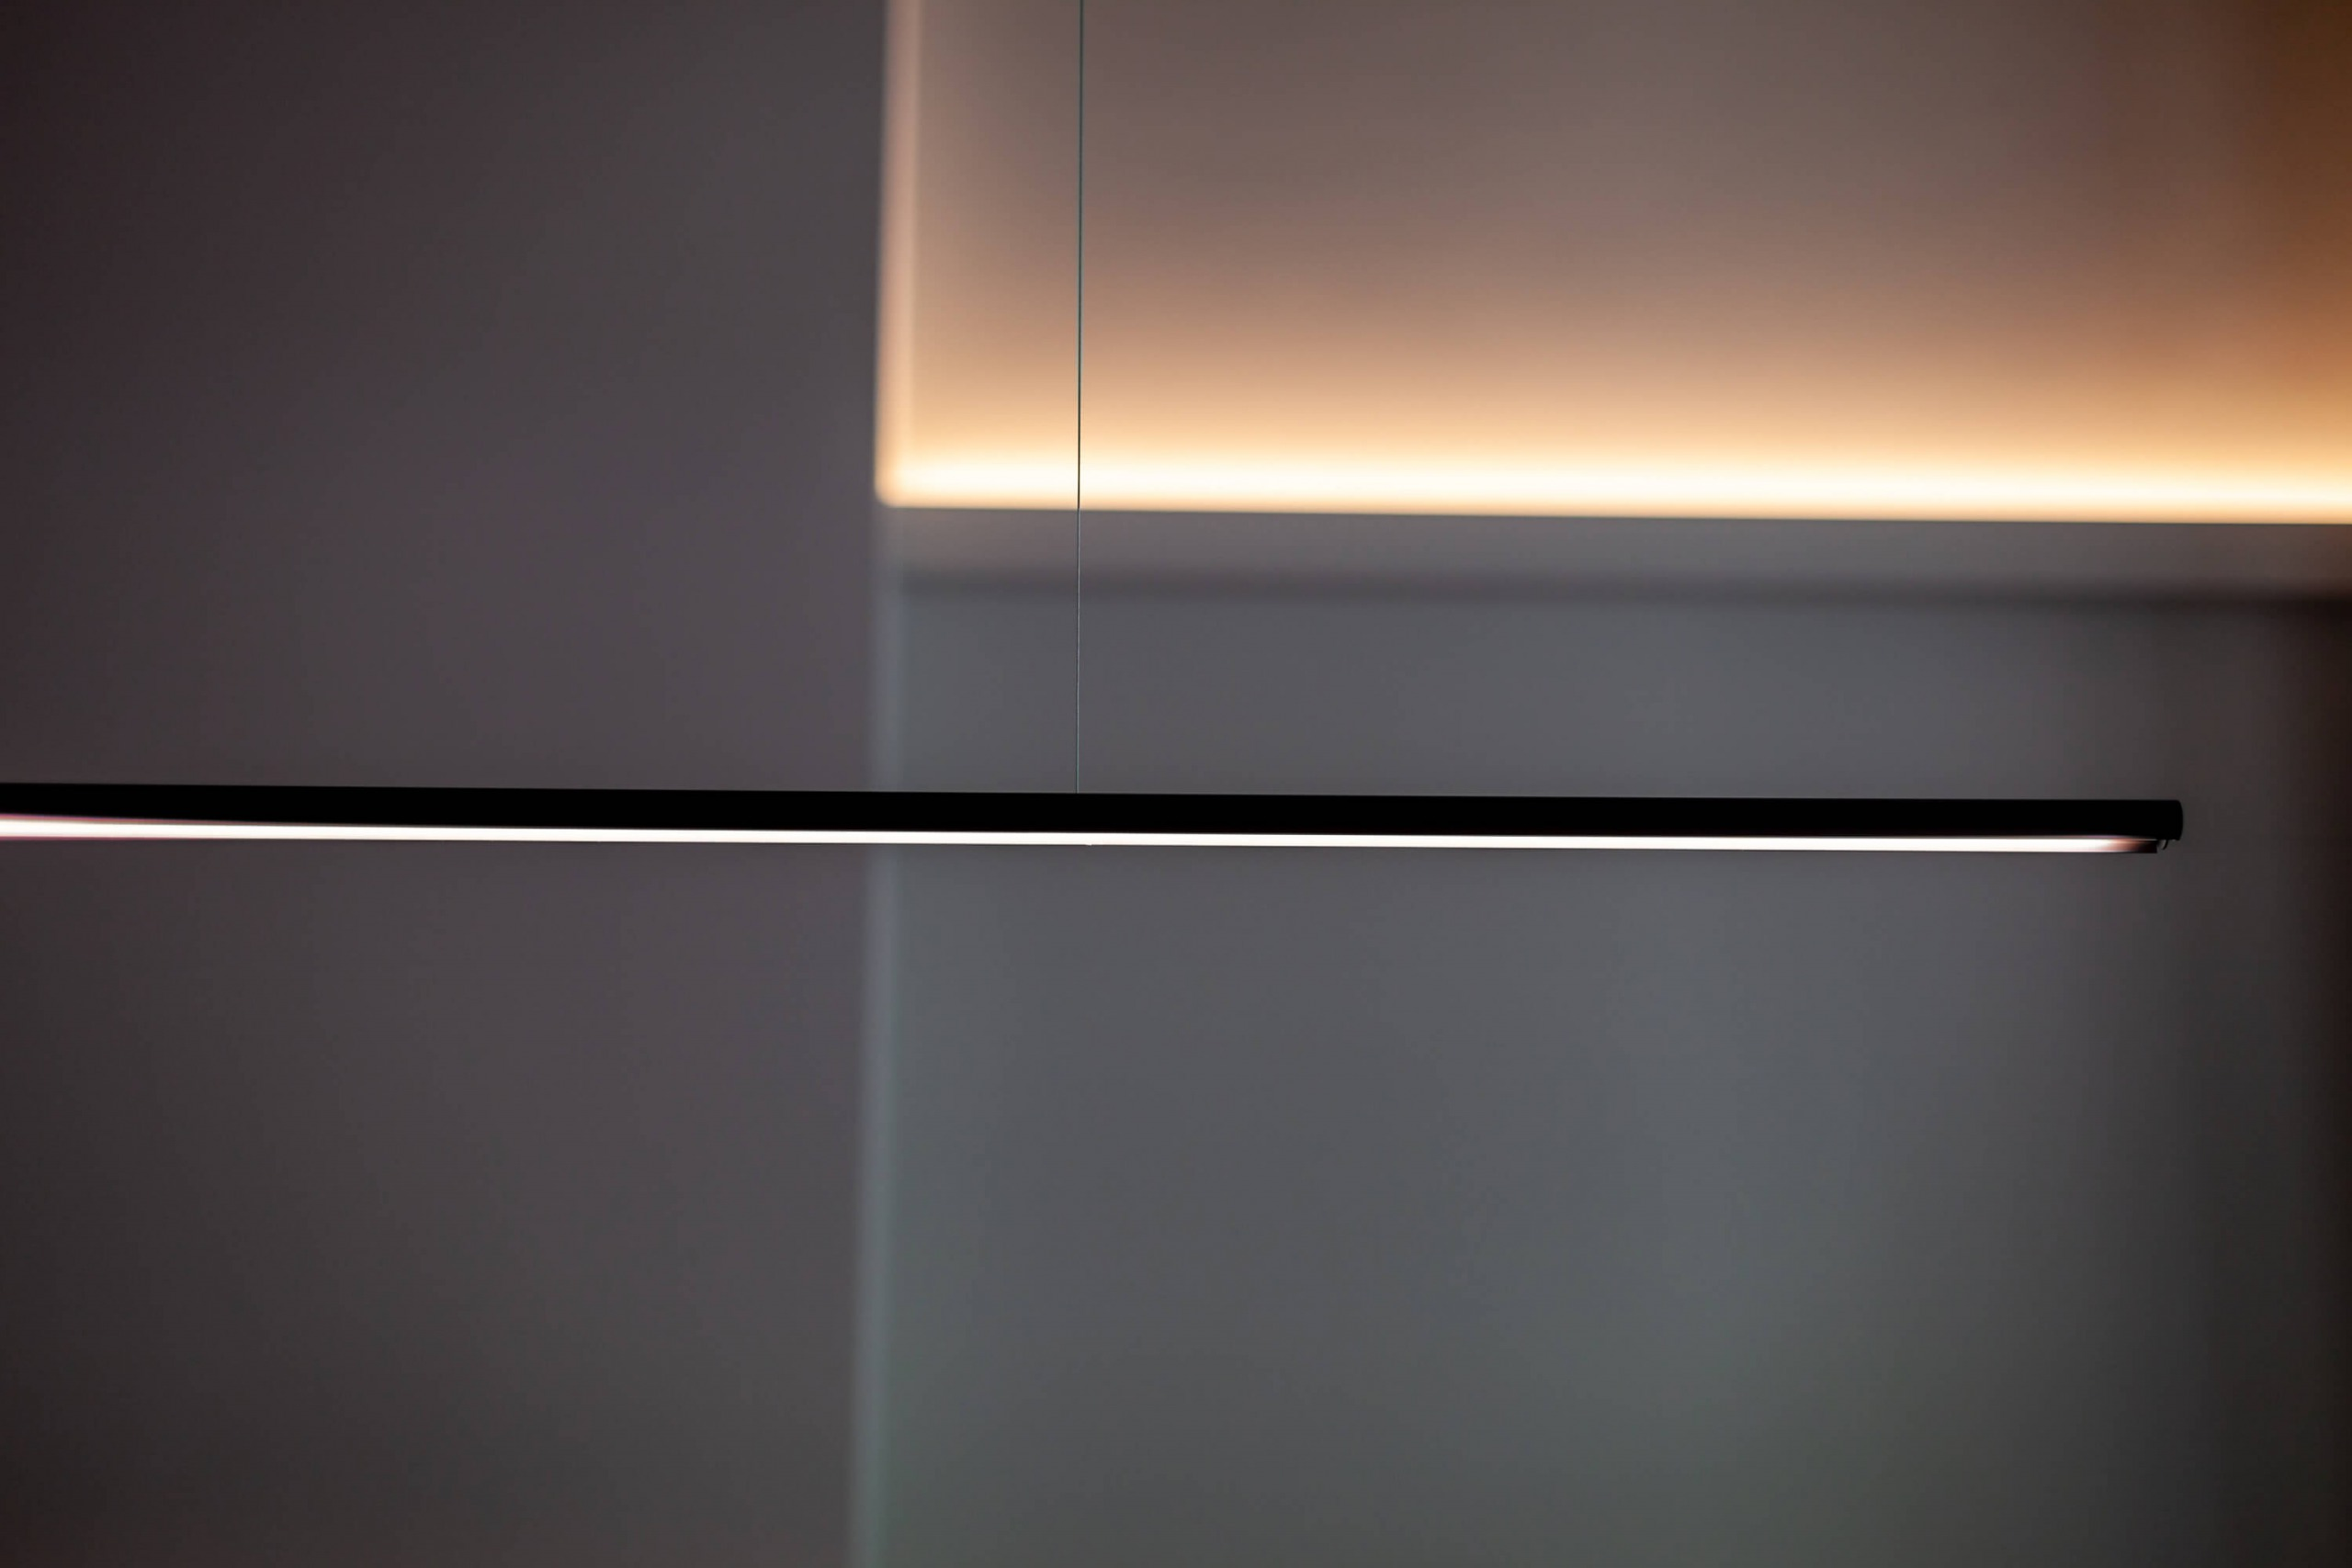 lichtdesign strak lijnenspel